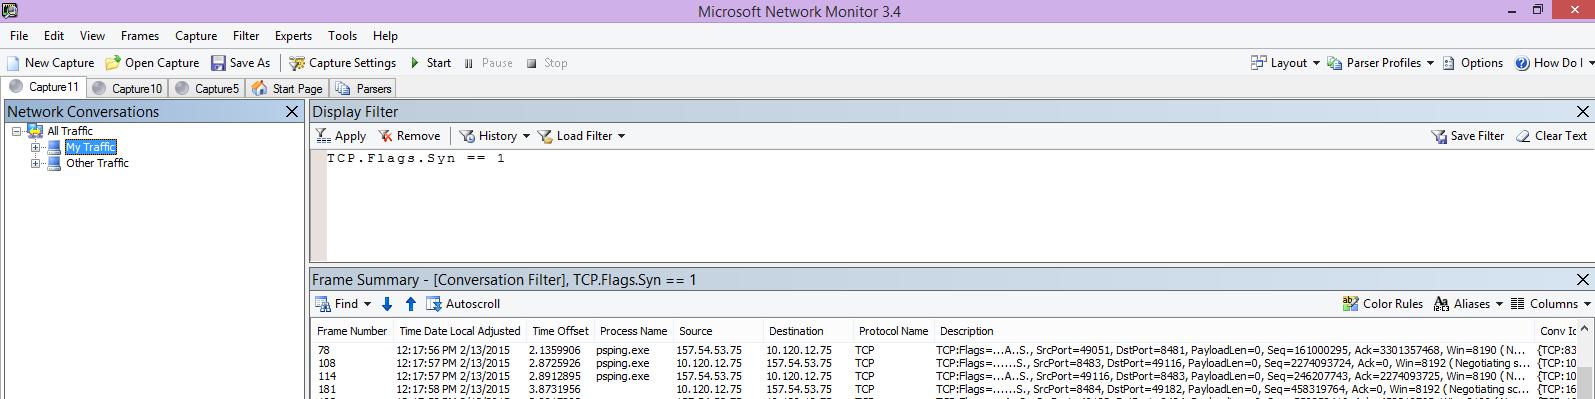 Трассировка в сетевом мониторе от клиента с отображением команды, аналогичной команде PSPing через фильтр TCP.Flags.Syn == 1.